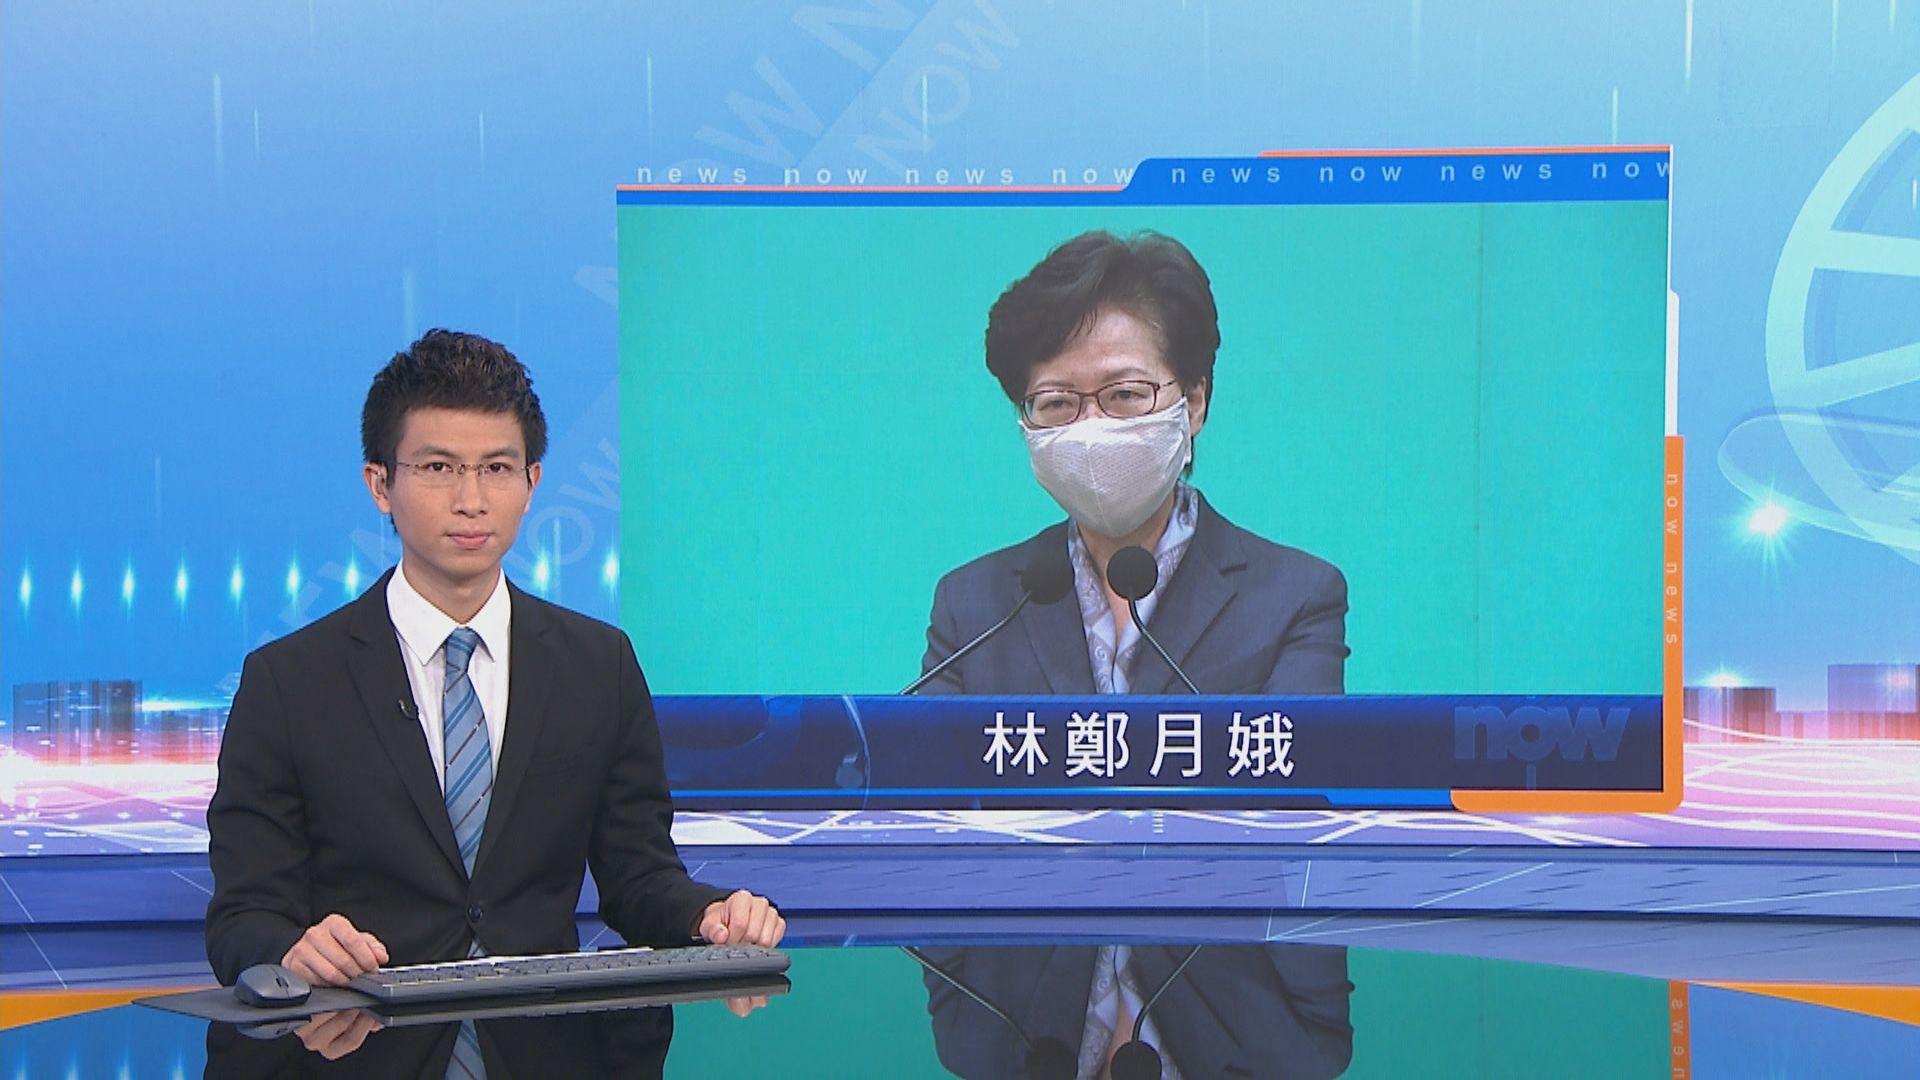 反修例風波一周年 林鄭籲政府立會議員都要汲取教訓